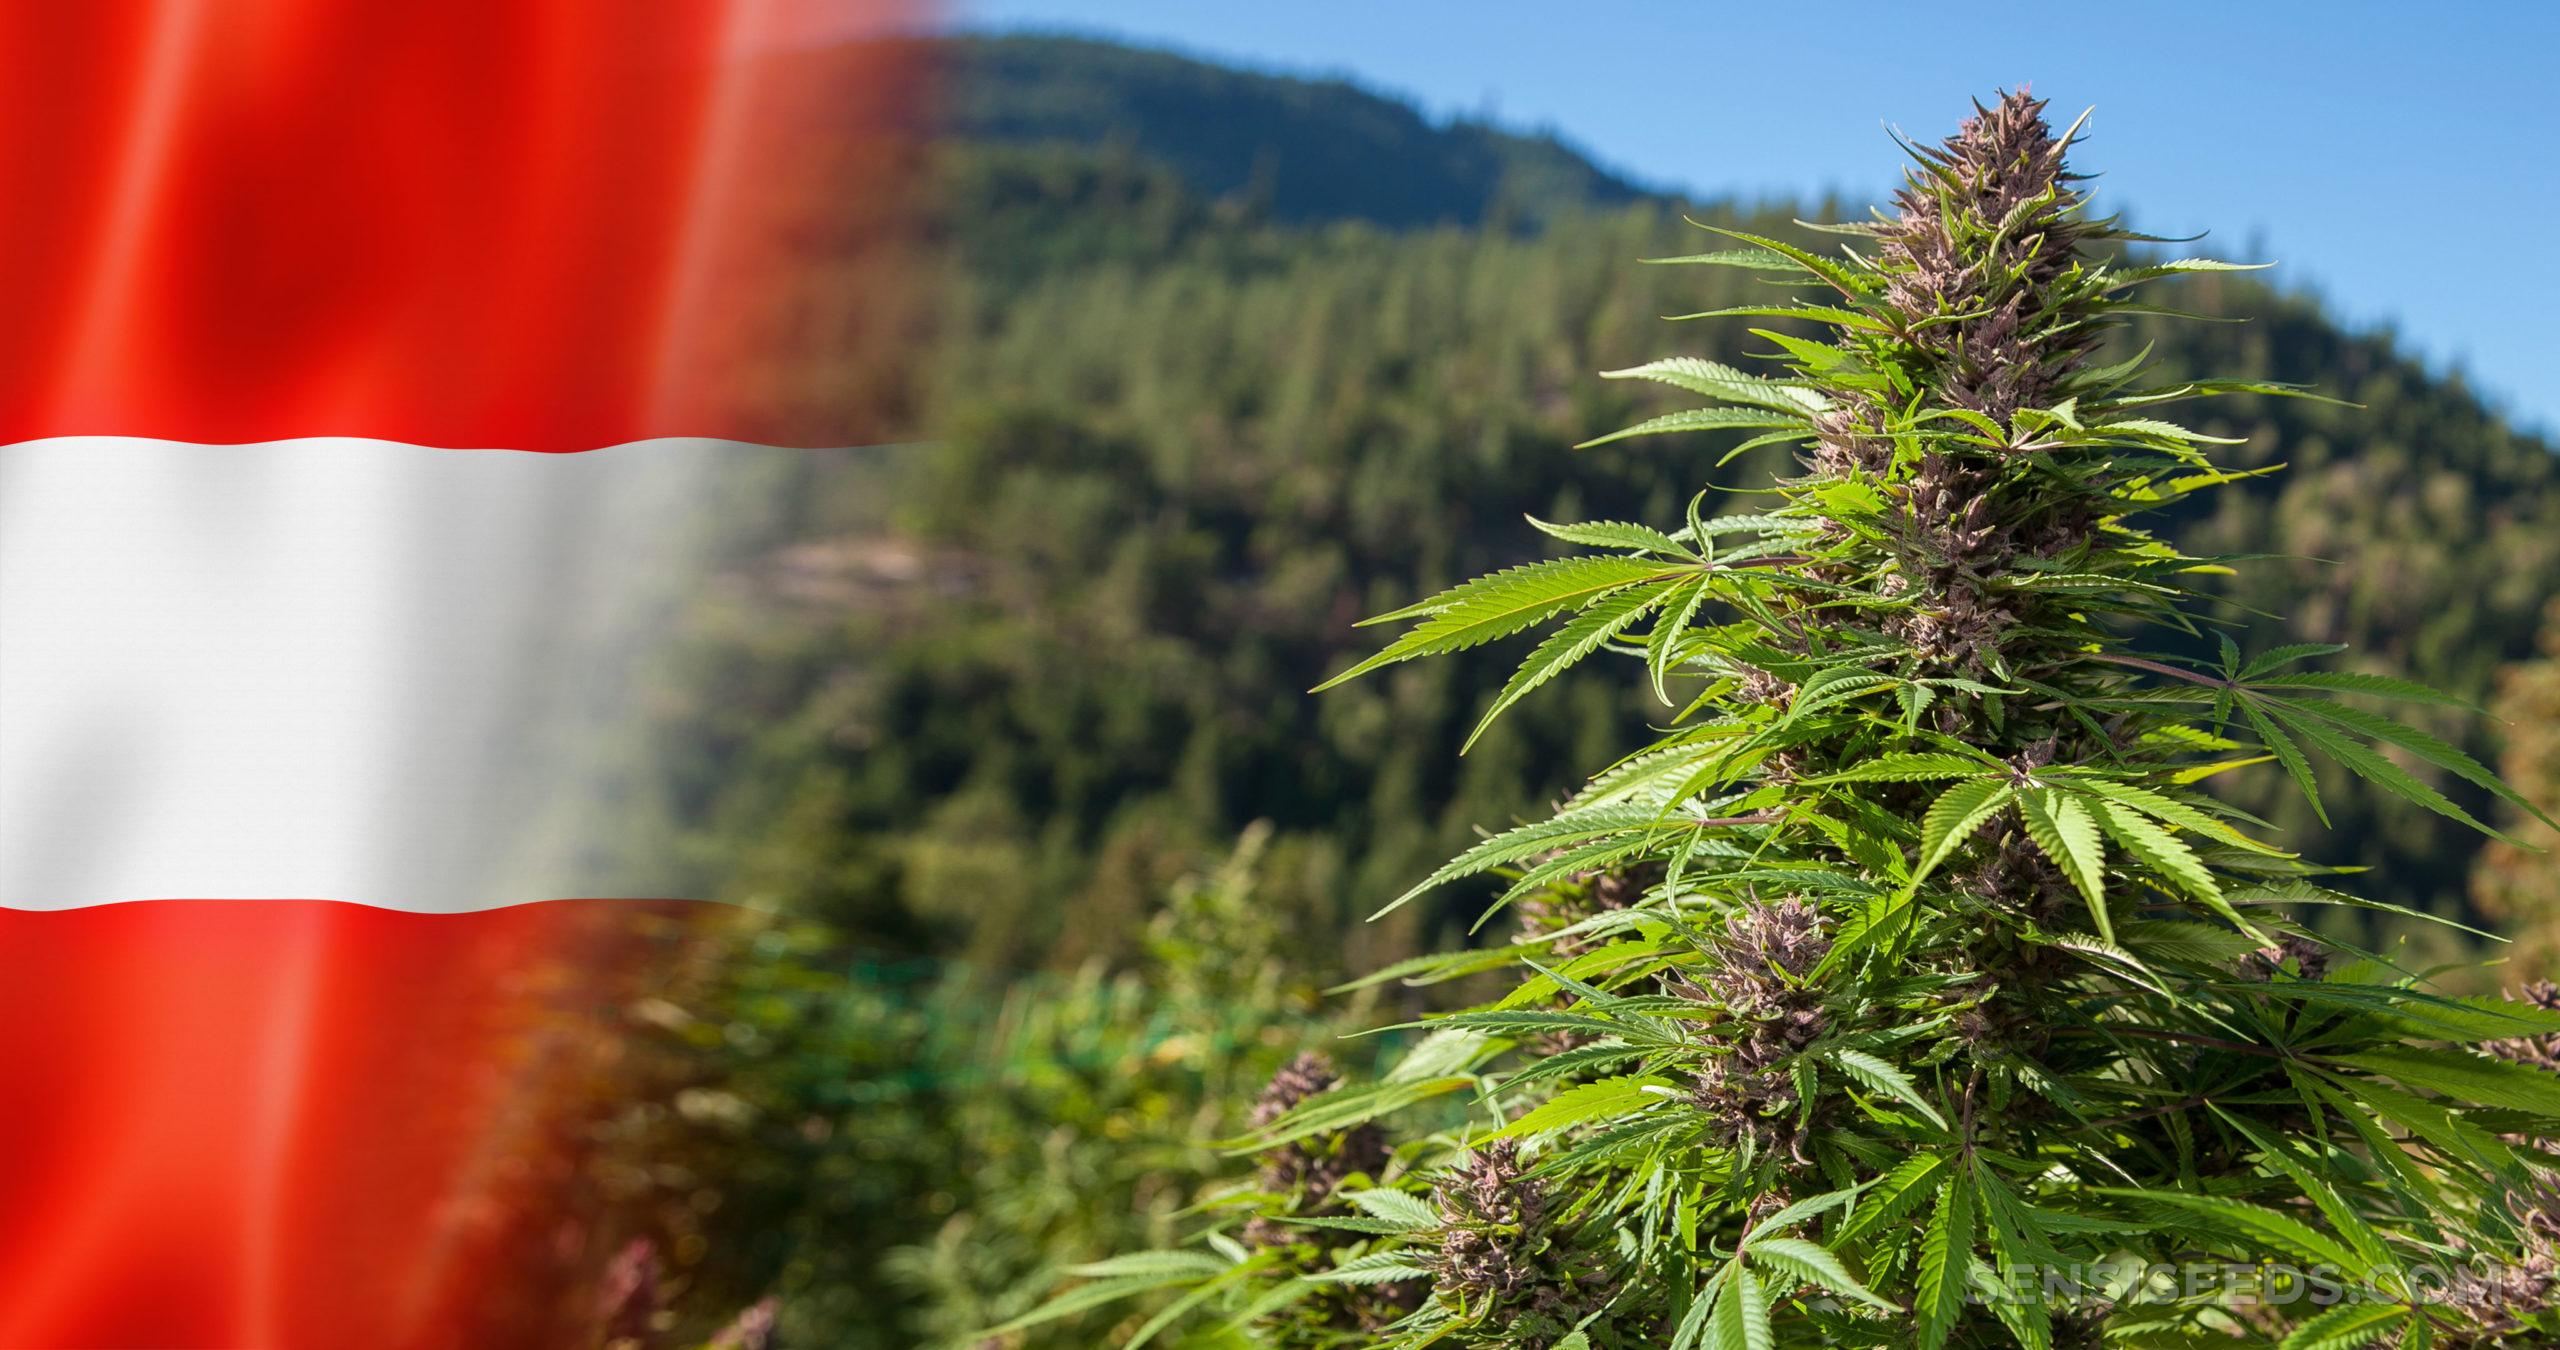 The Austrian flag and cannabis plants